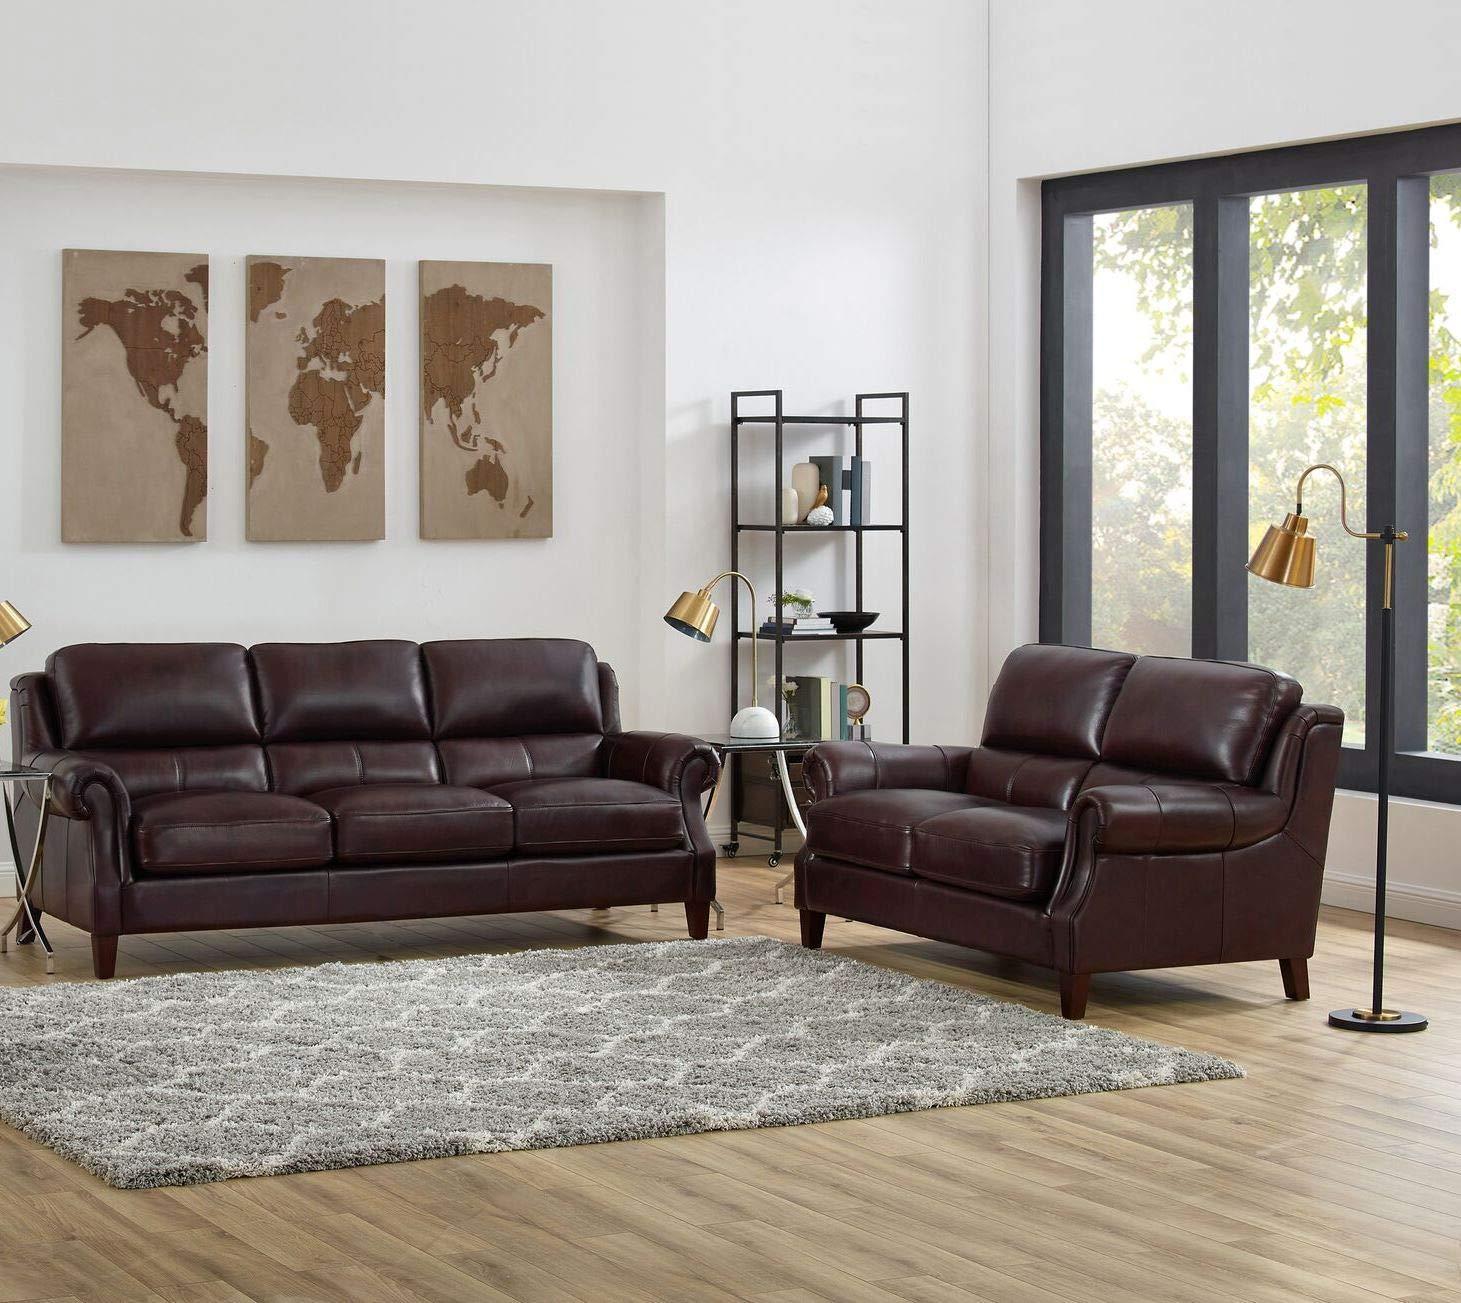 Amazon.com: Hydeline Bradbury - Juego de sofá (100% piel ...